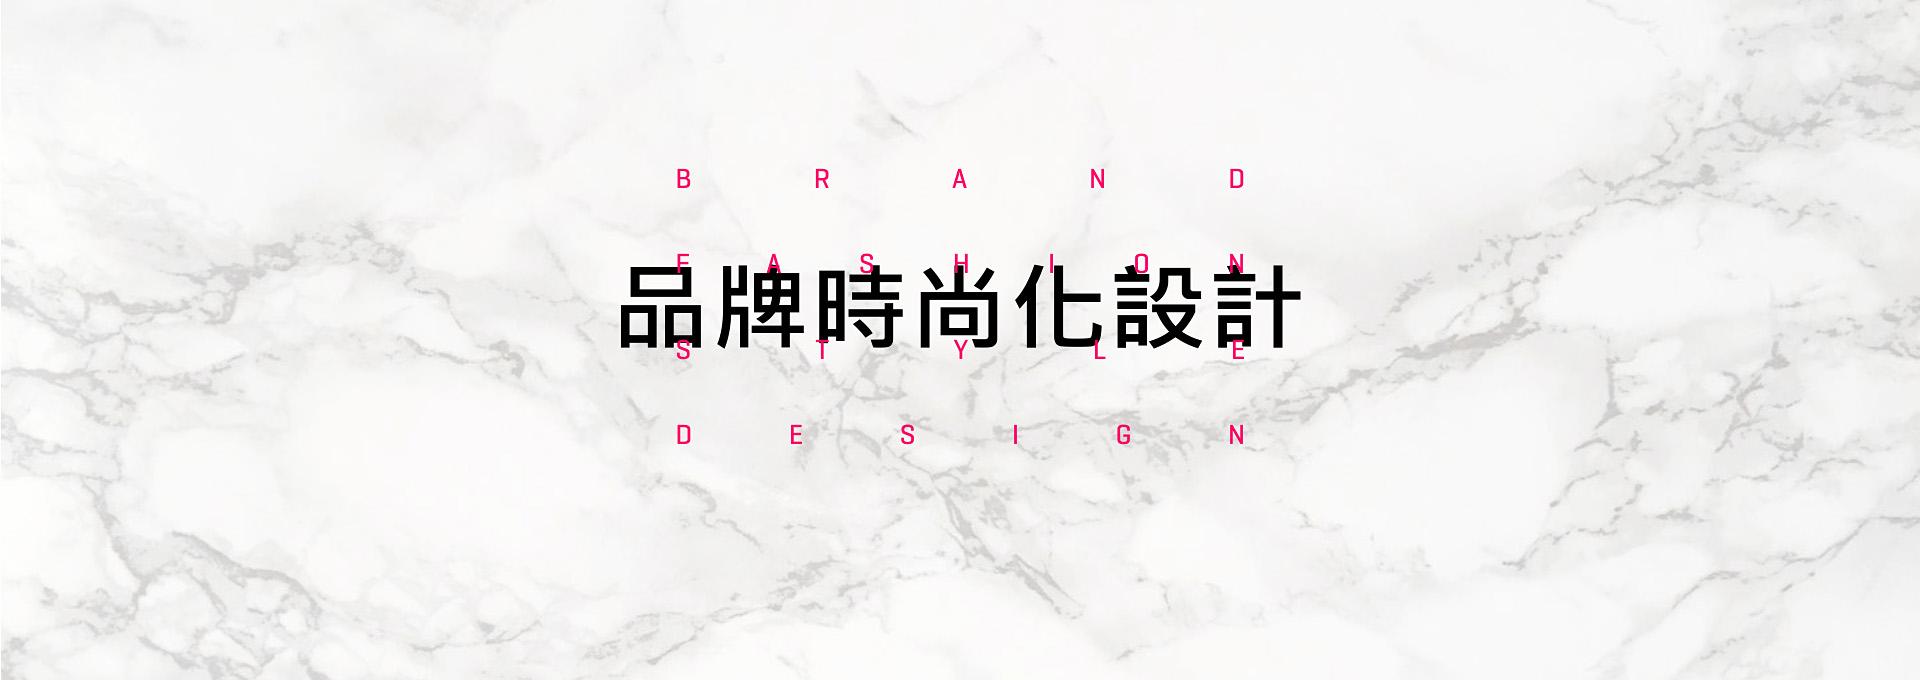 w88平台设计ad